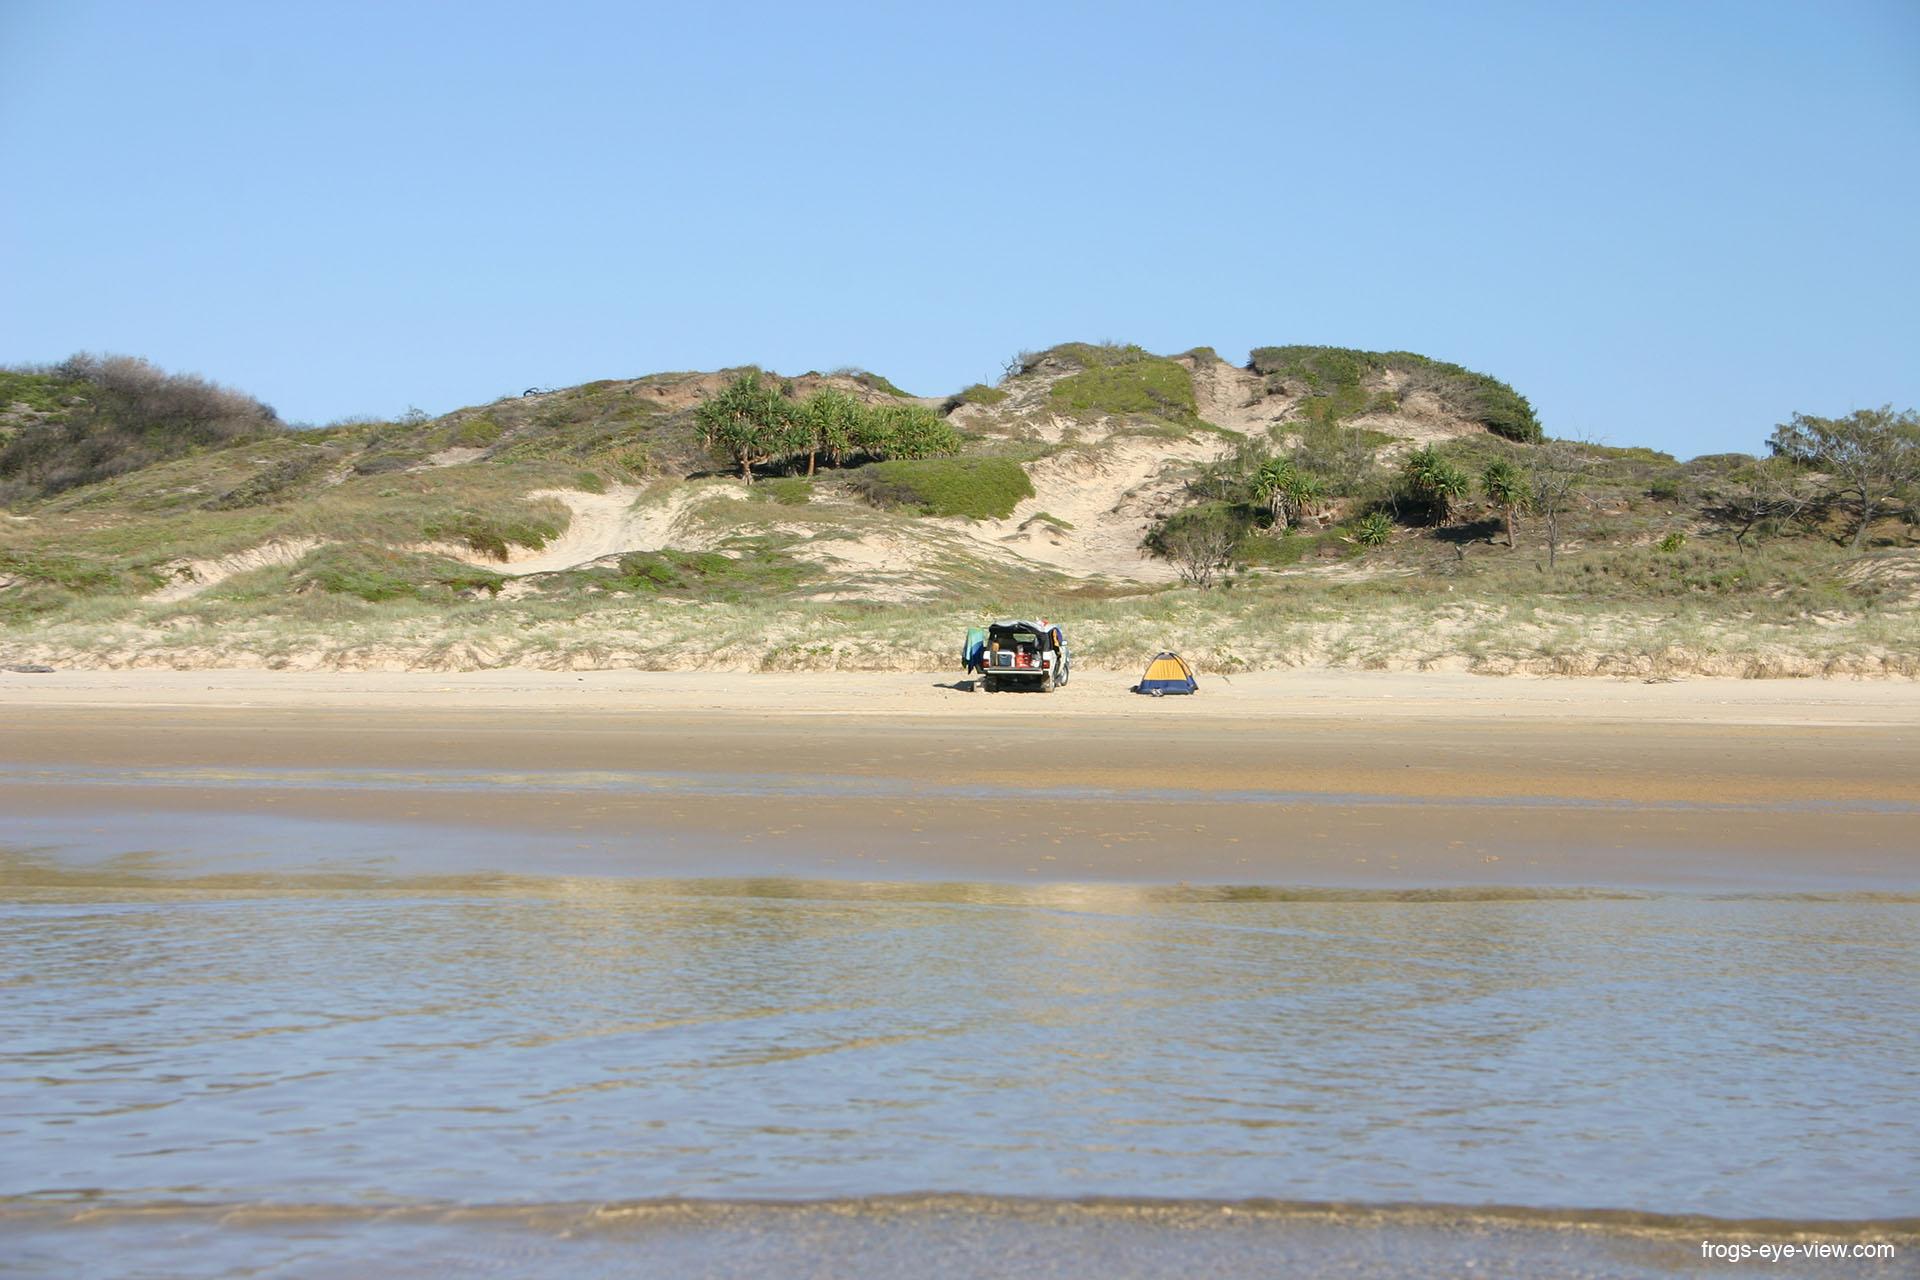 03_Camping on Beach Kopie